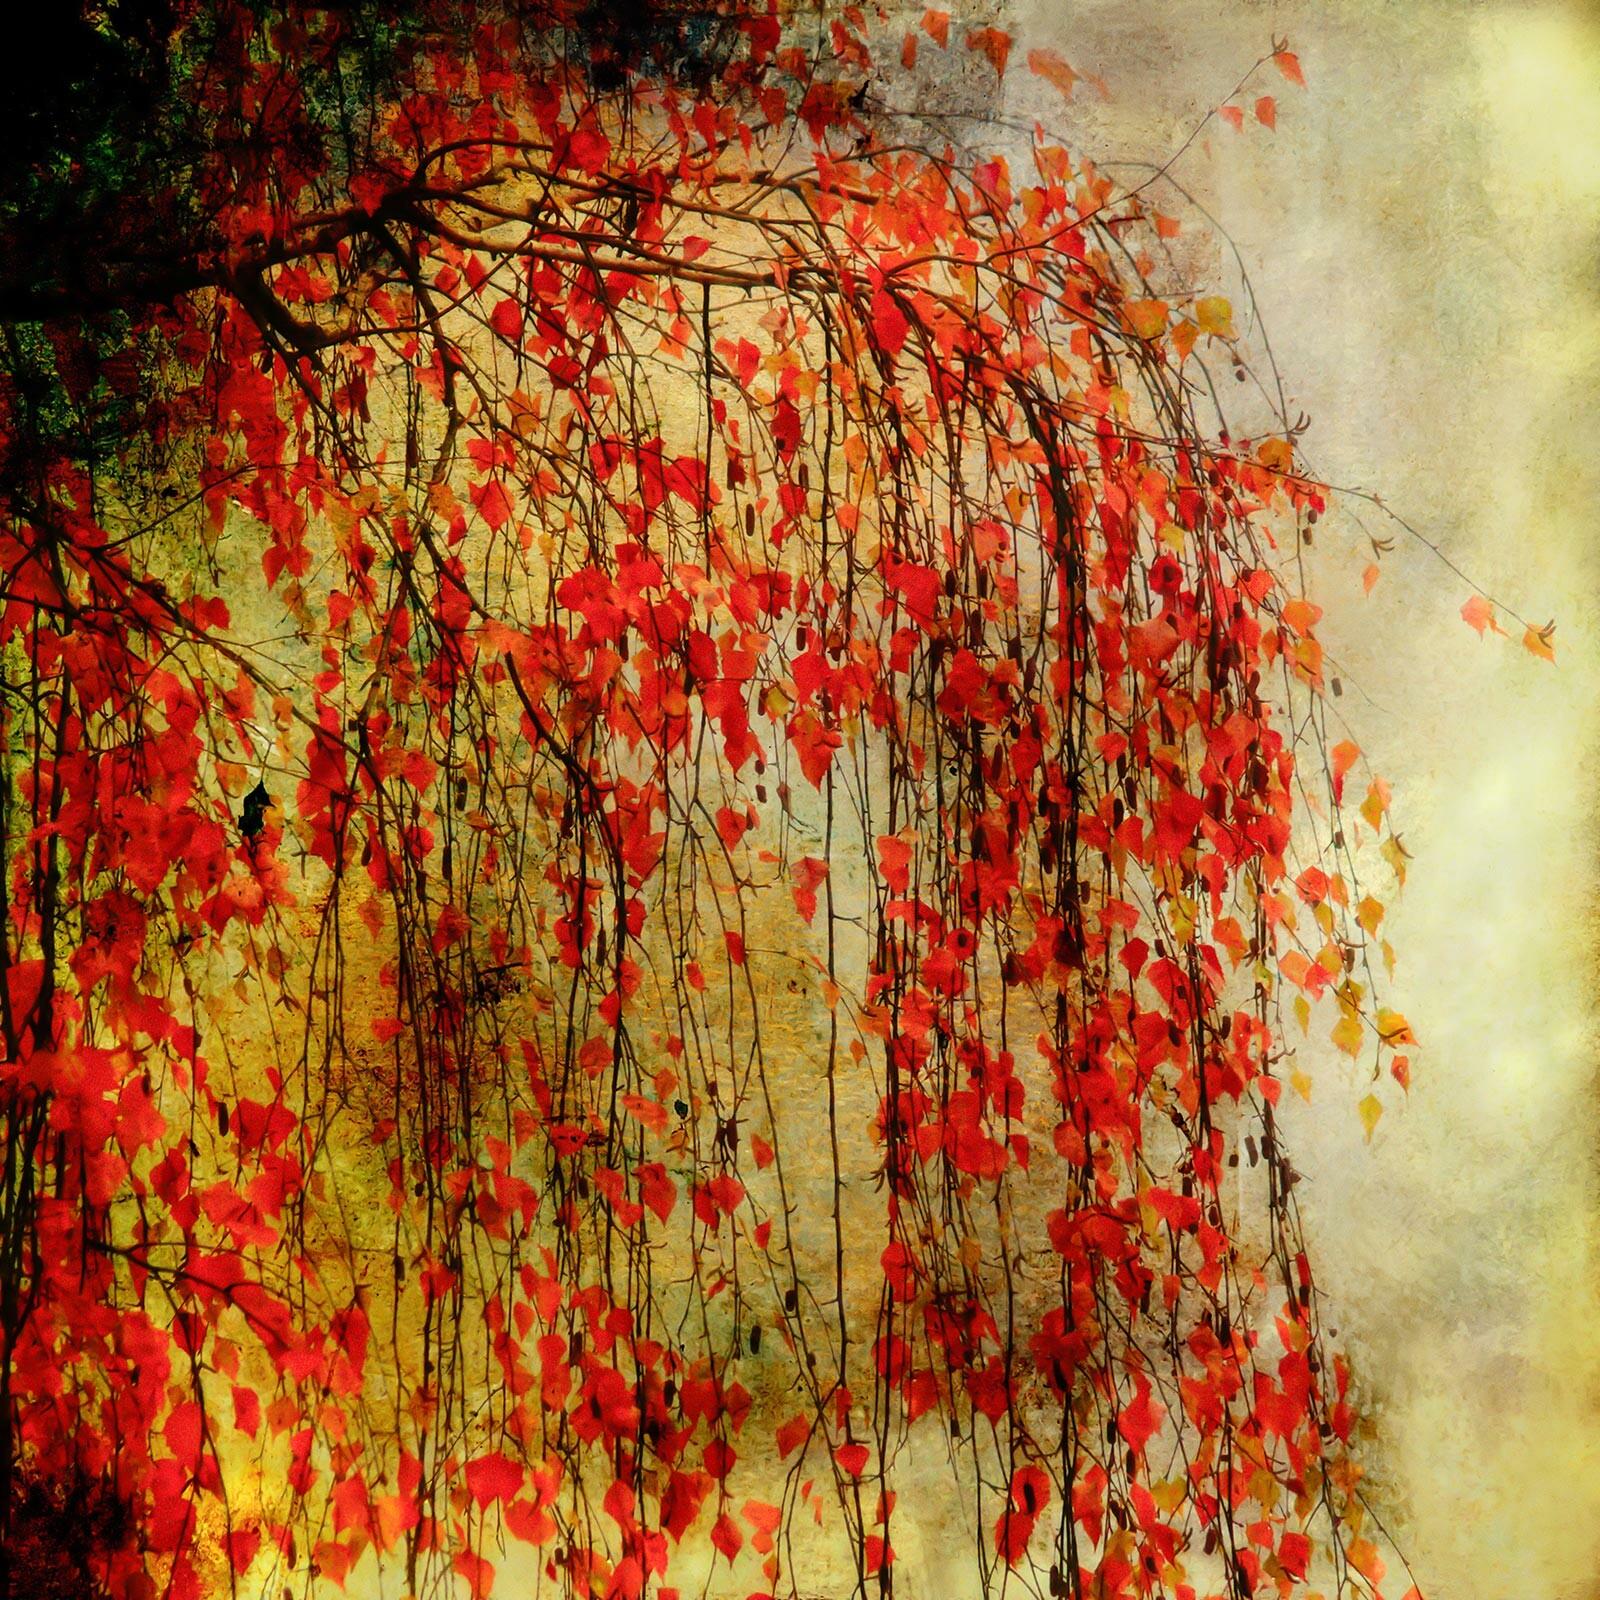 Tree on Fire - Christiane Steinicke